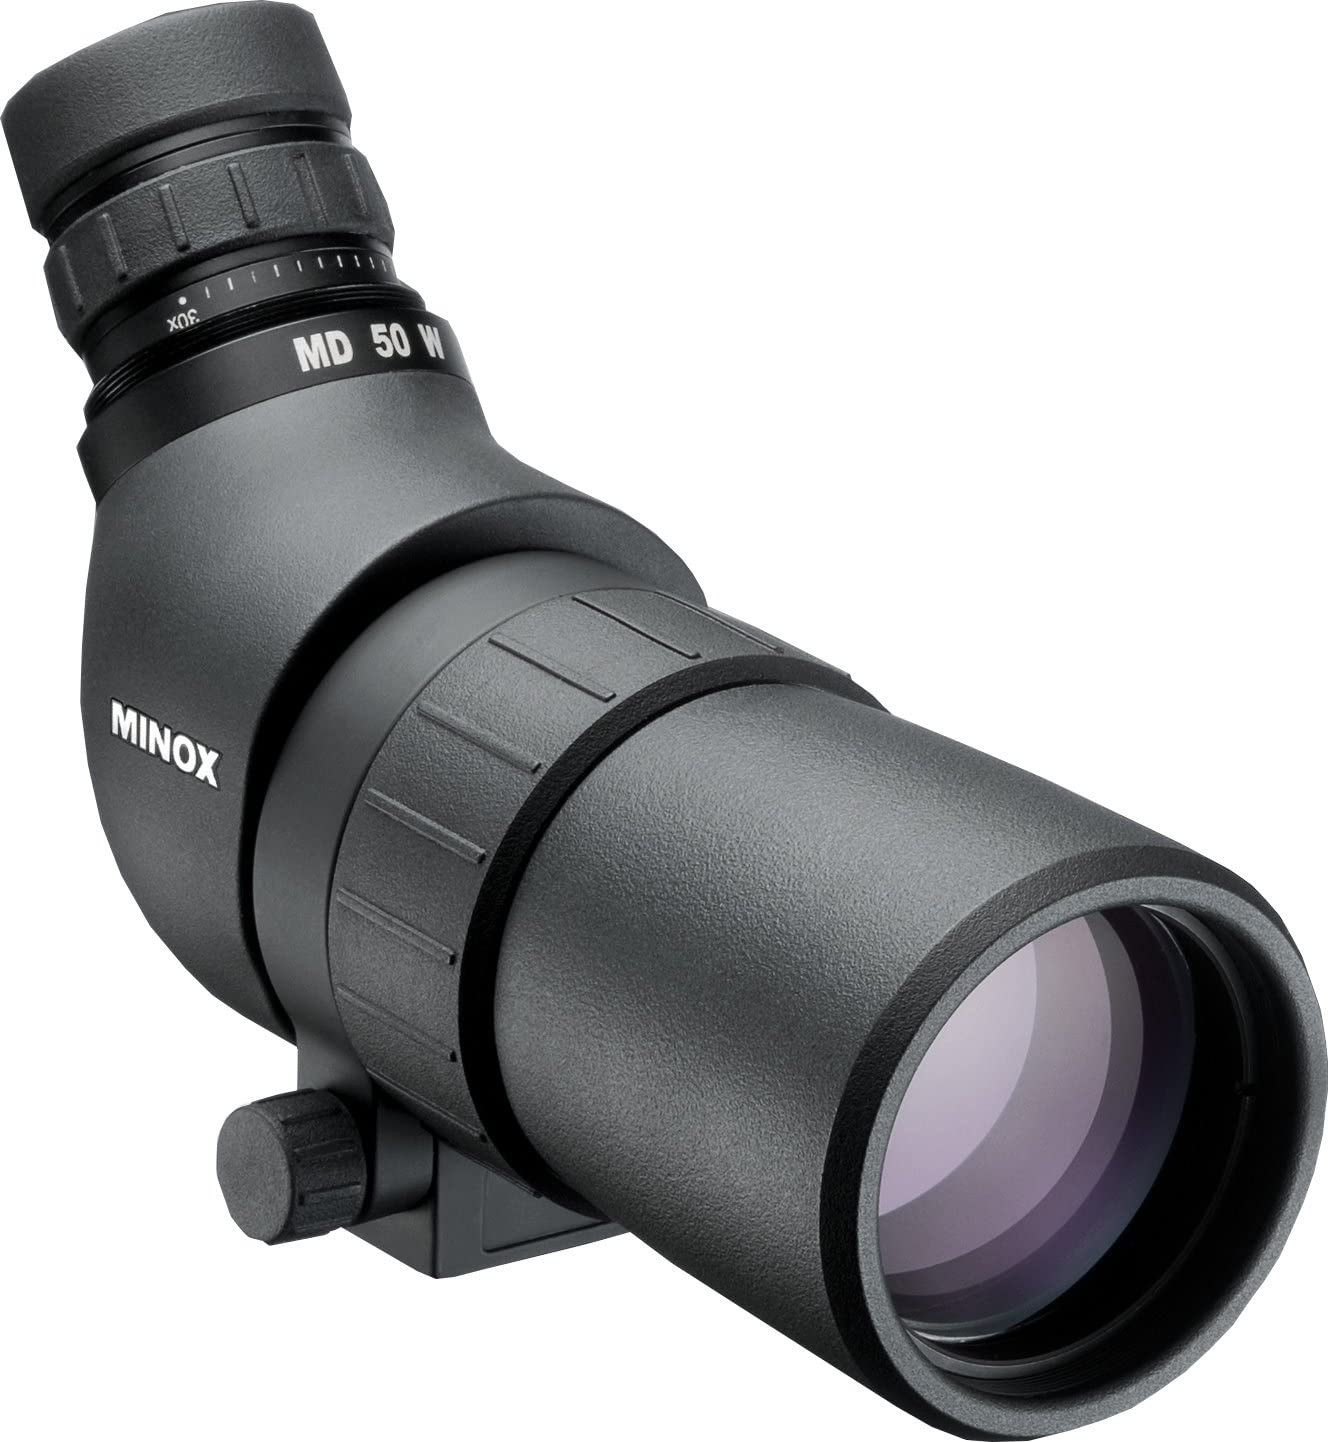 50 yard spotting scope - Page 2 71Lwmx21vBL._AC_SL1442_